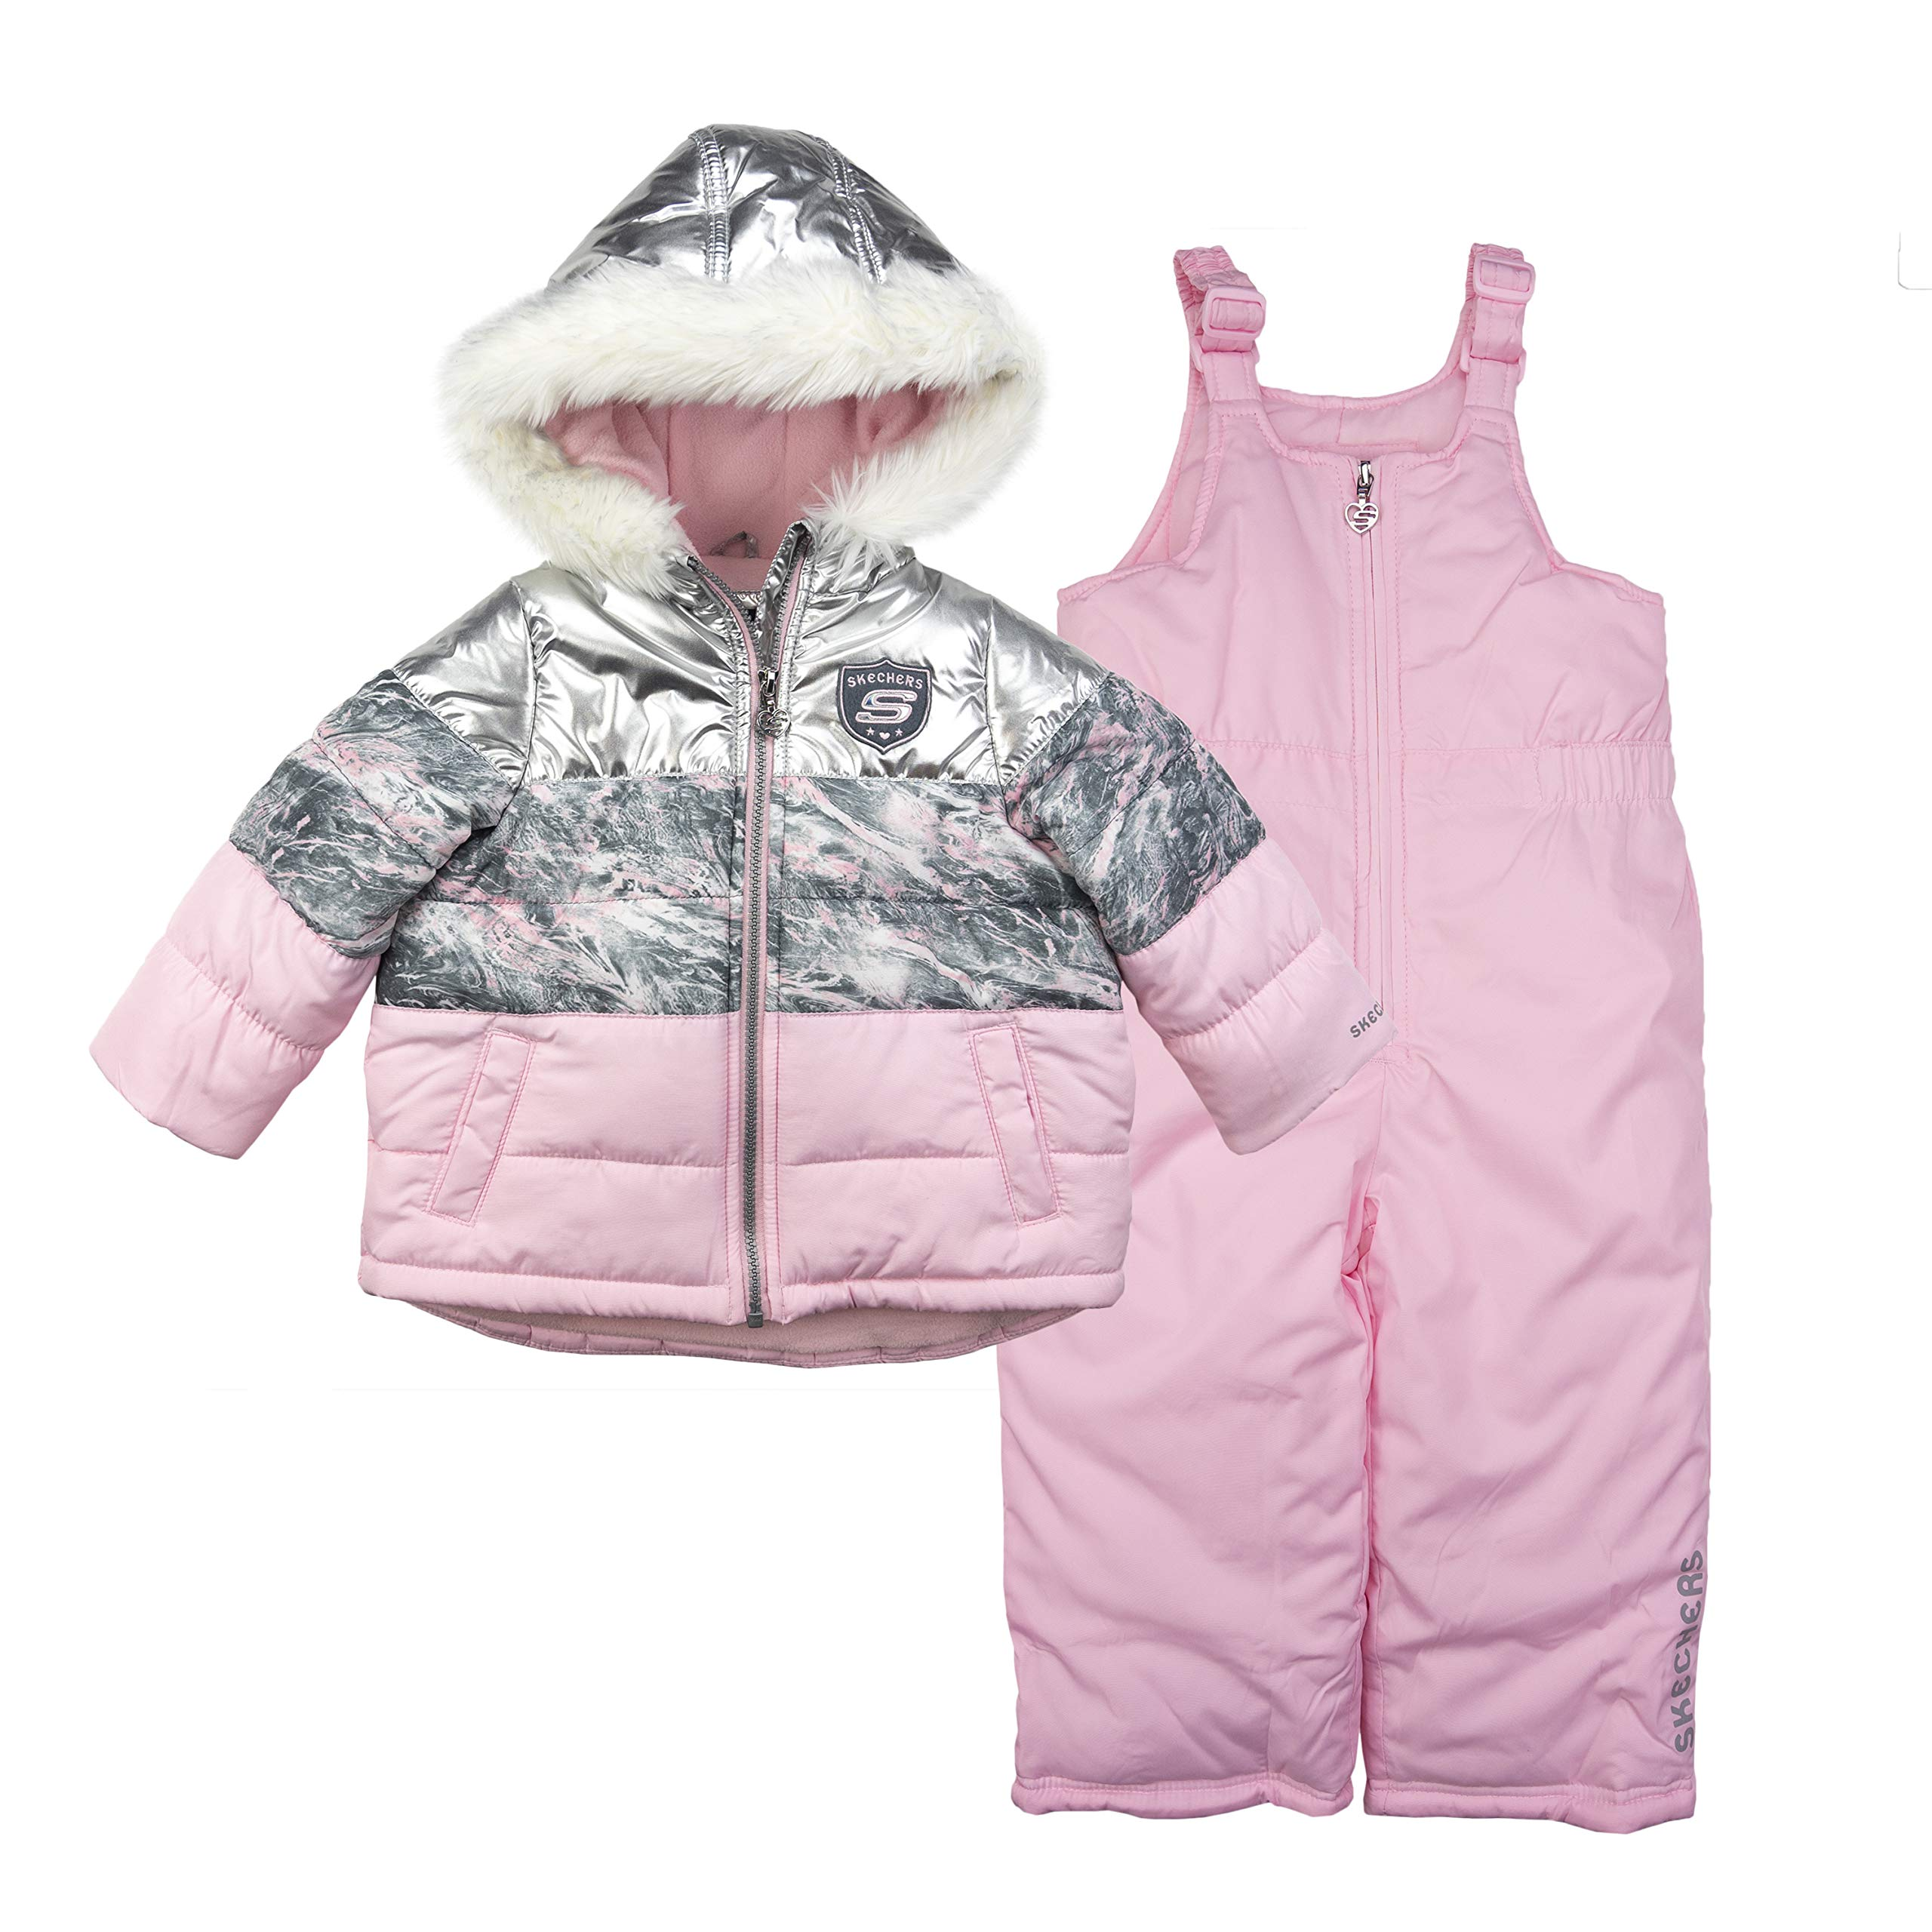 Skechers Girls' Little 2-Piece Heavyweight Snowsuit, Silver Metallic/Pink, 6X by Skechers